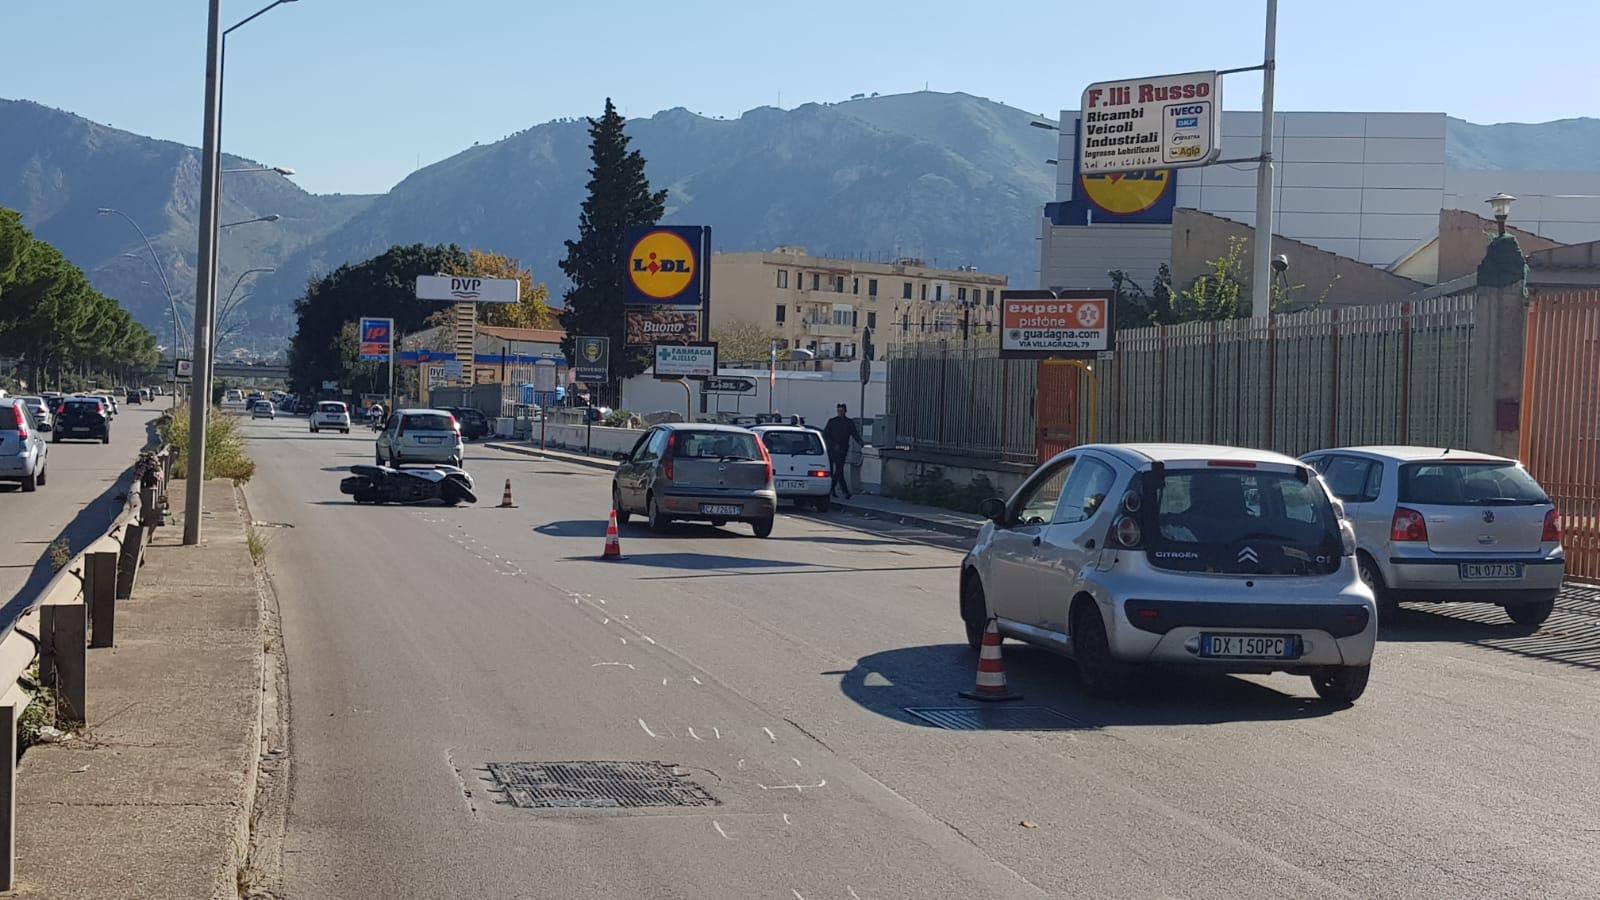 Incidente mortale in viale Regione Siciliana a Palermo: le foto dopo il  terribile impatto - Giornale di Sicilia